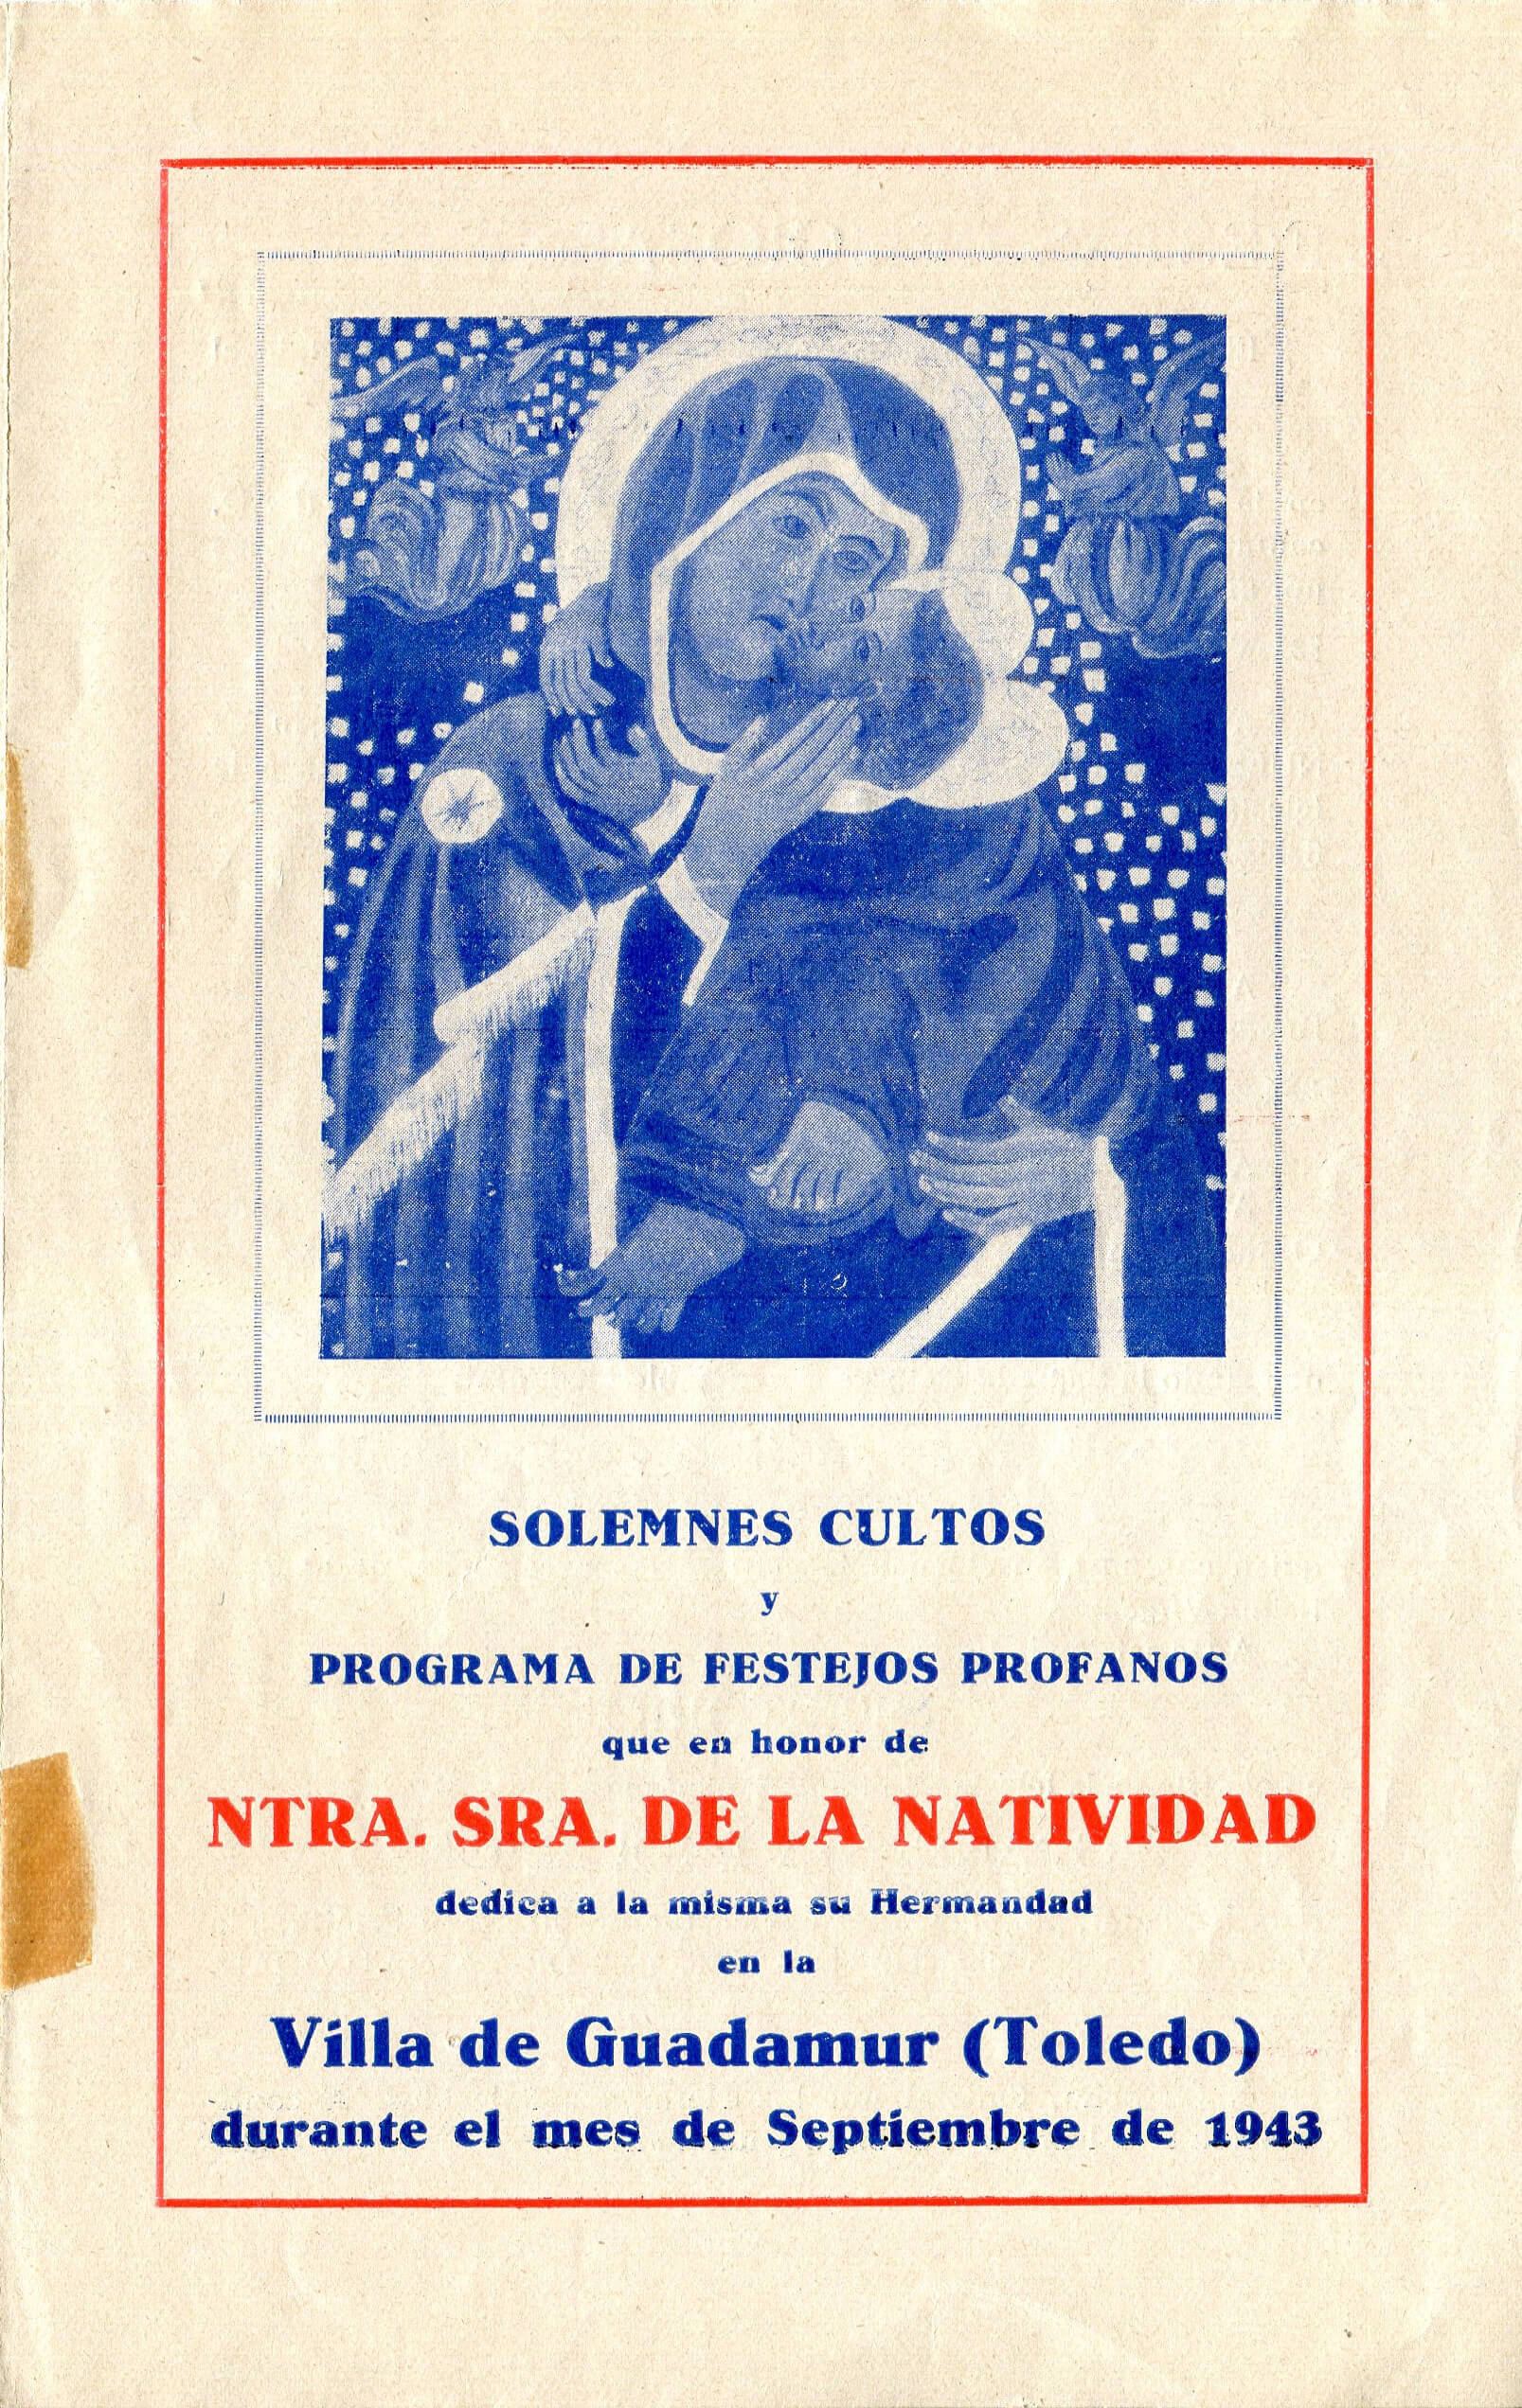 1943 – Programa de fiestas